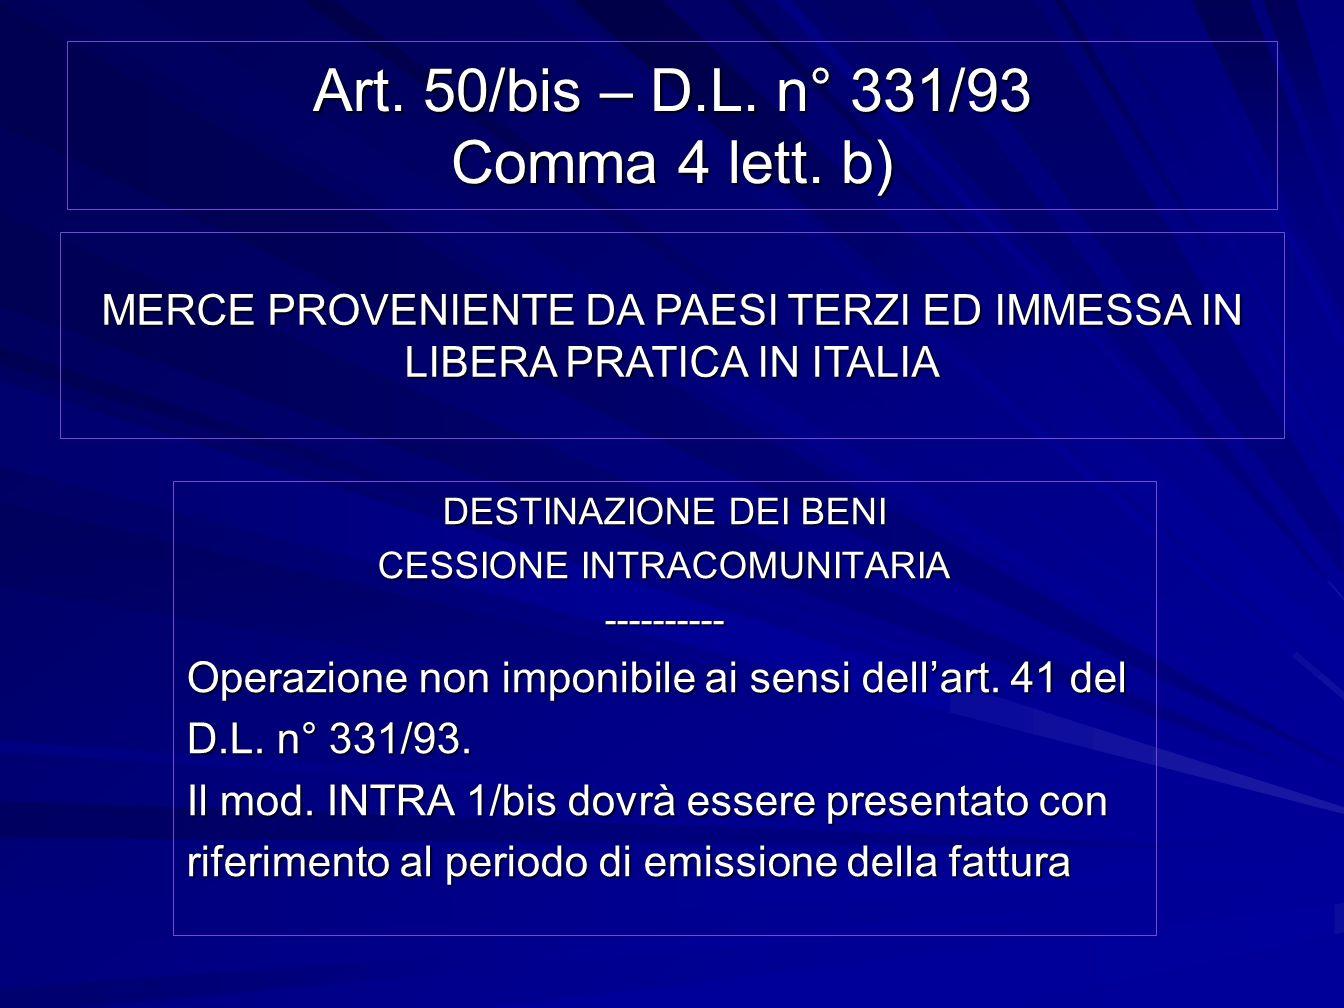 Art. 50/bis – D.L. n° 331/93 Comma 4 lett. b) DESTINAZIONE DEI BENI CESSIONE INTRACOMUNITARIA ---------- Operazione non imponibile ai sensi dellart. 4